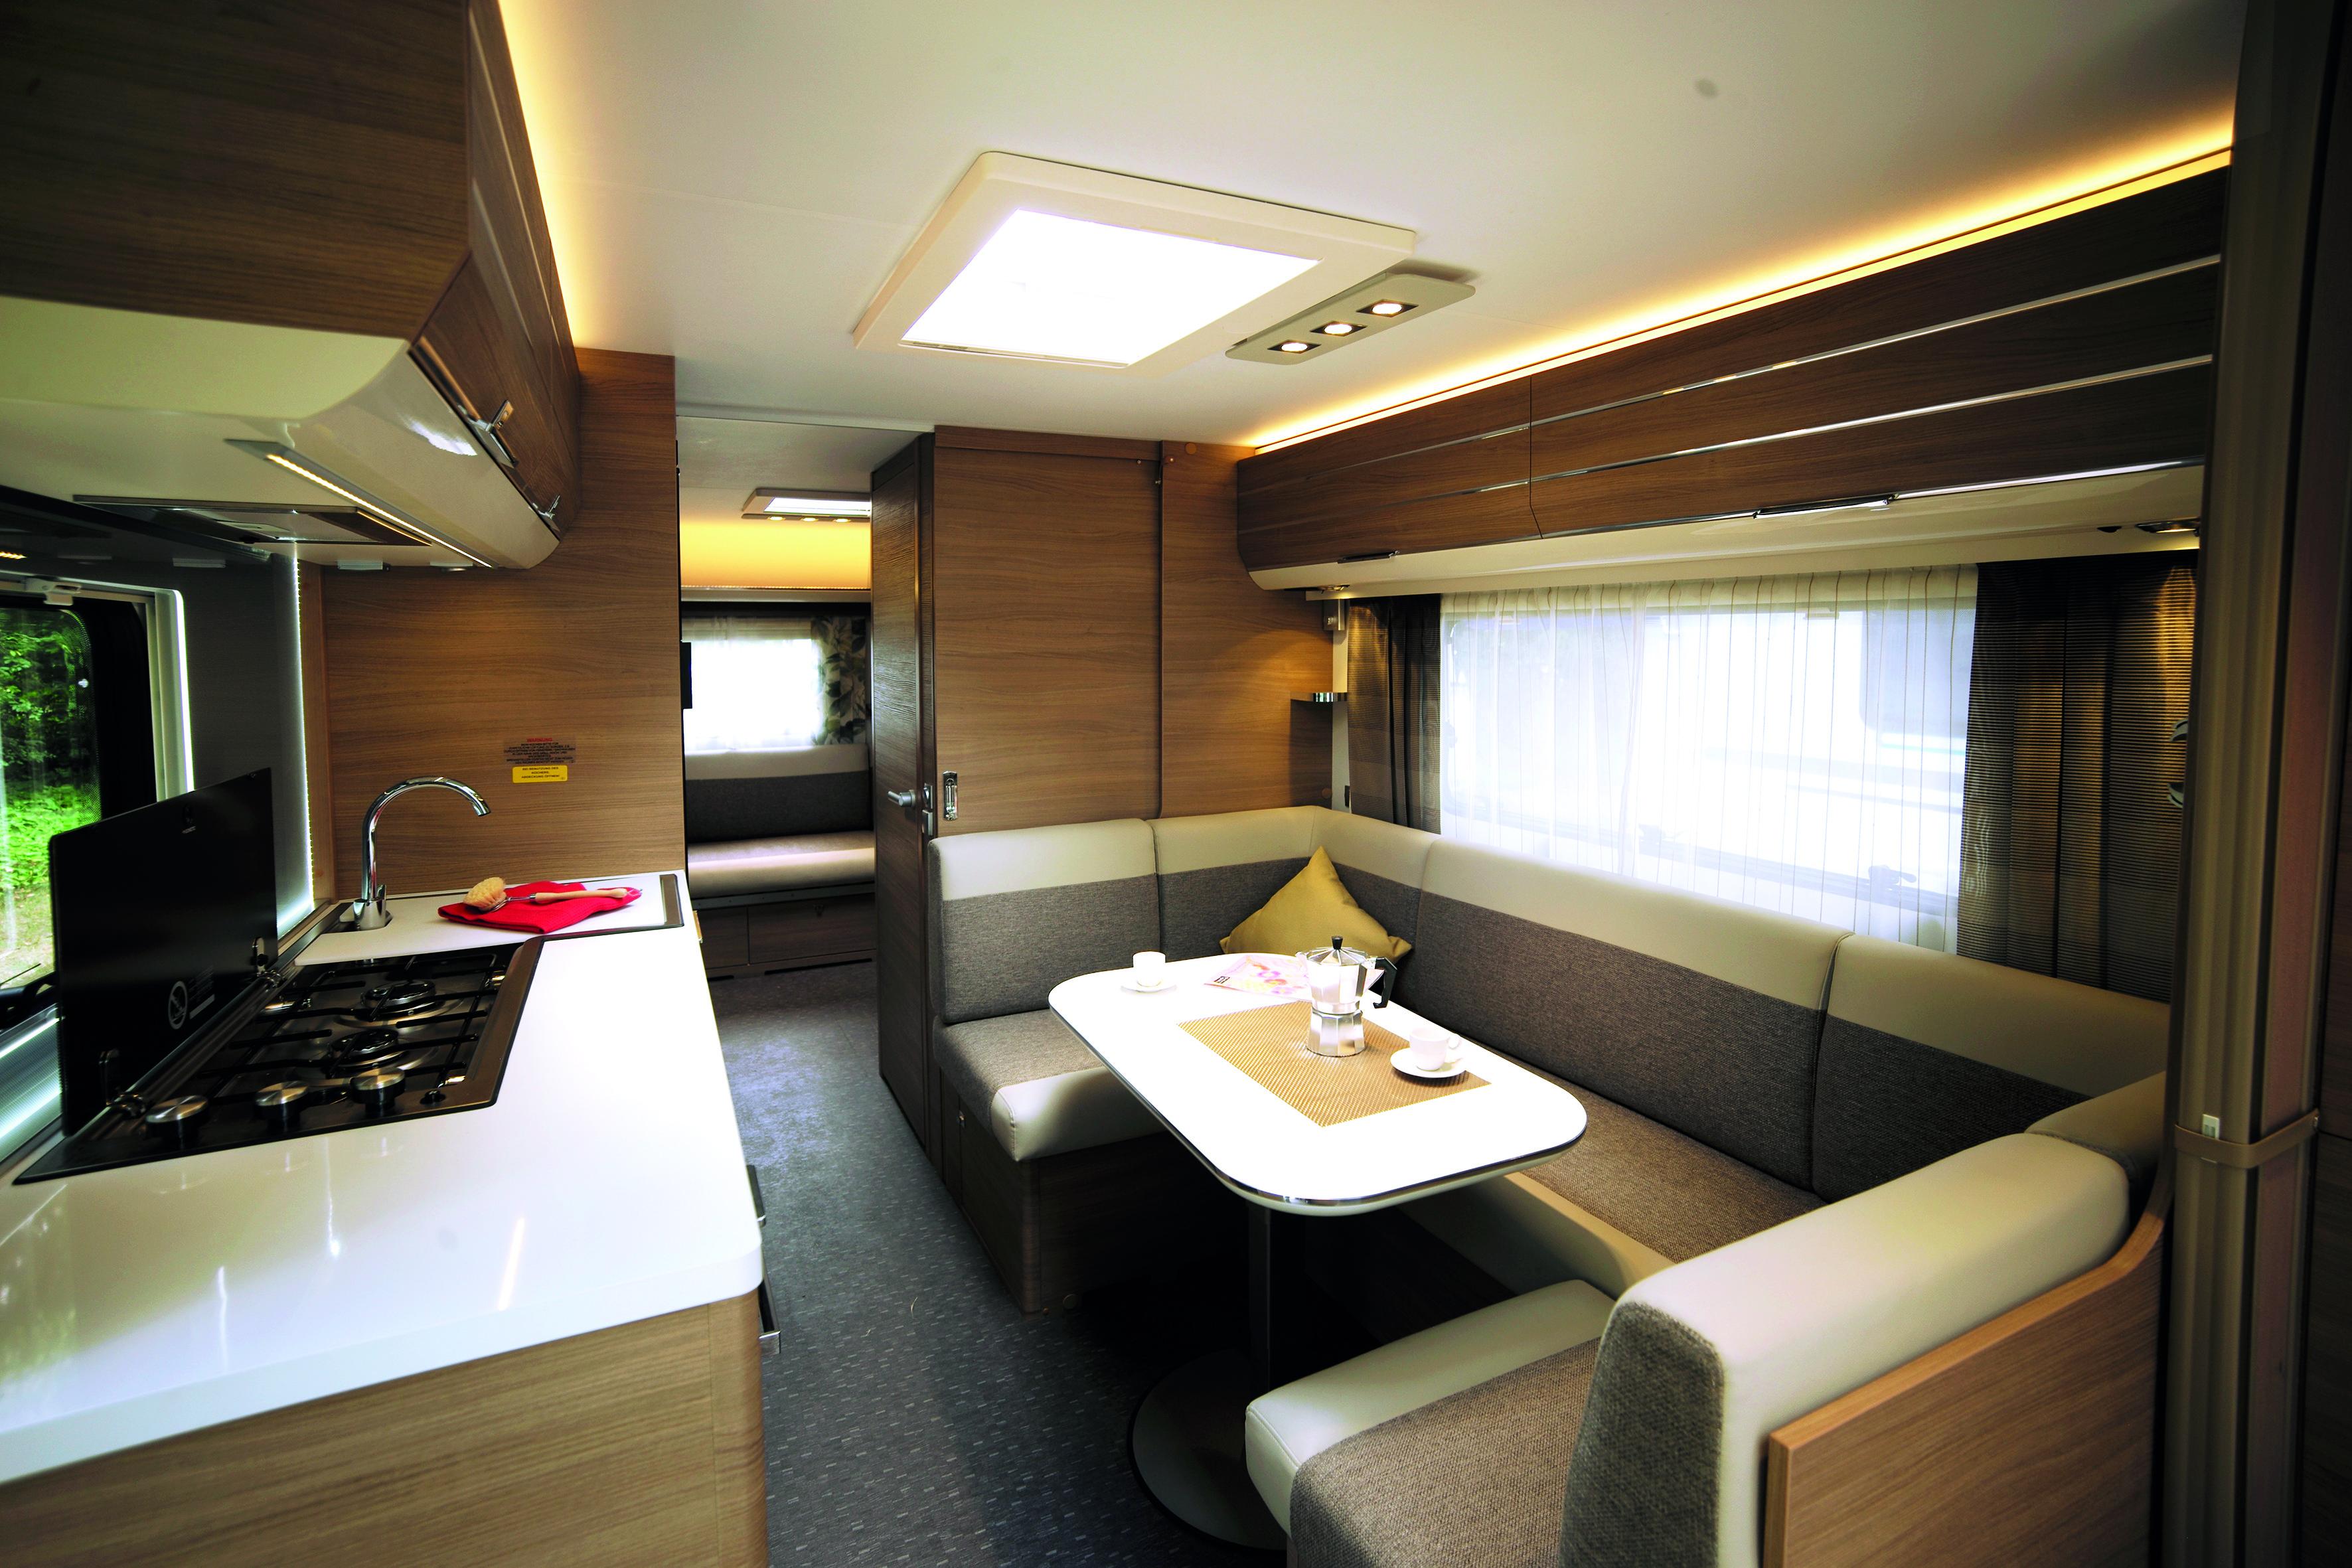 Wohnwagen Mit Etagenbett Yamaha : Zweiparteien wohnwagen adria adora pk